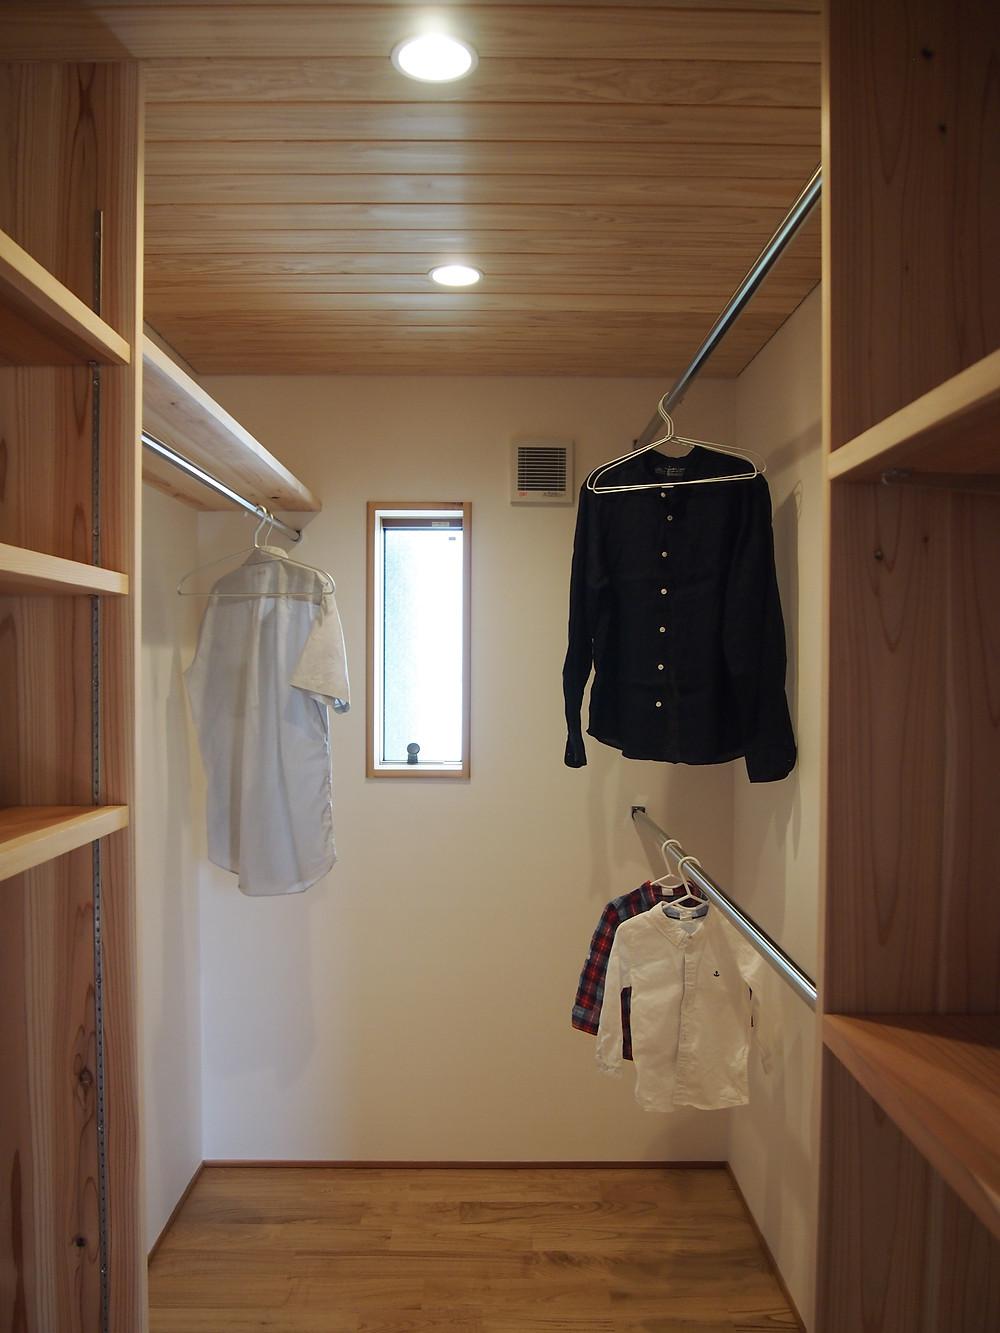 ウォークインクローゼット 木の家 滋賀 工務店